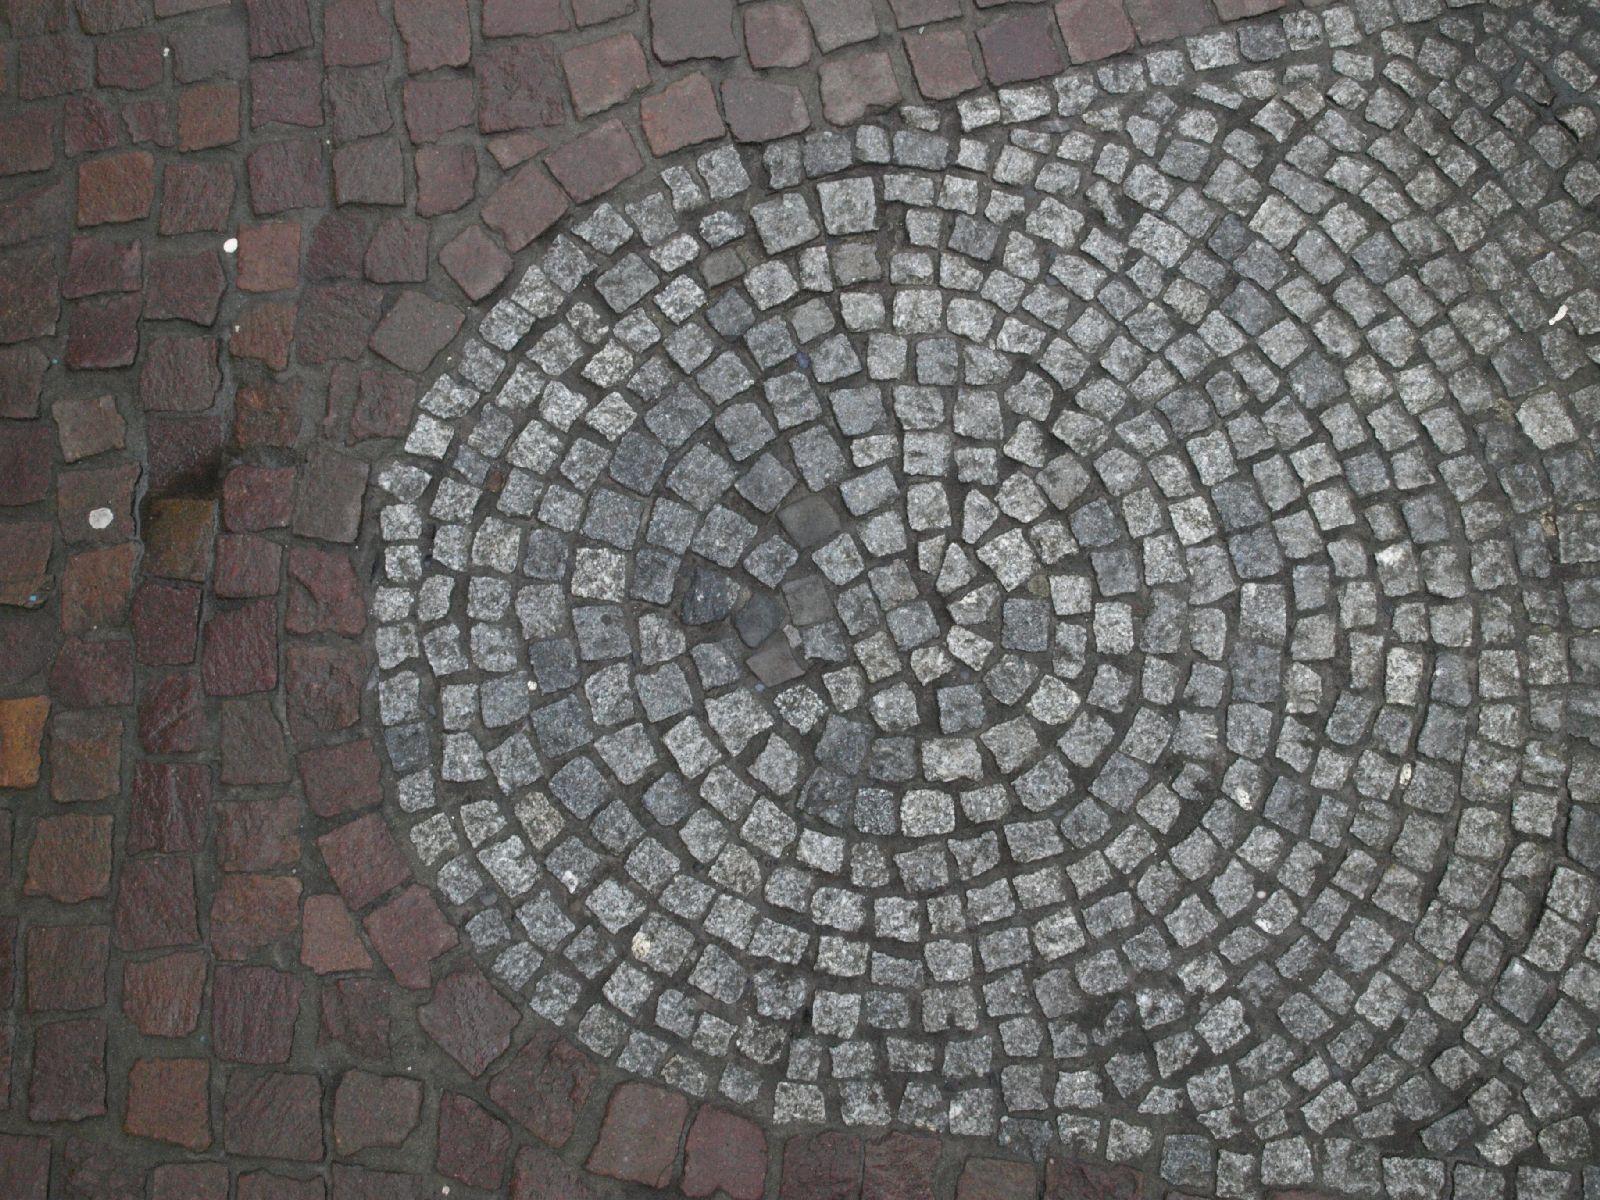 Boden-Gehweg-Strasse-Buergersteig-Textur_A_P2280929